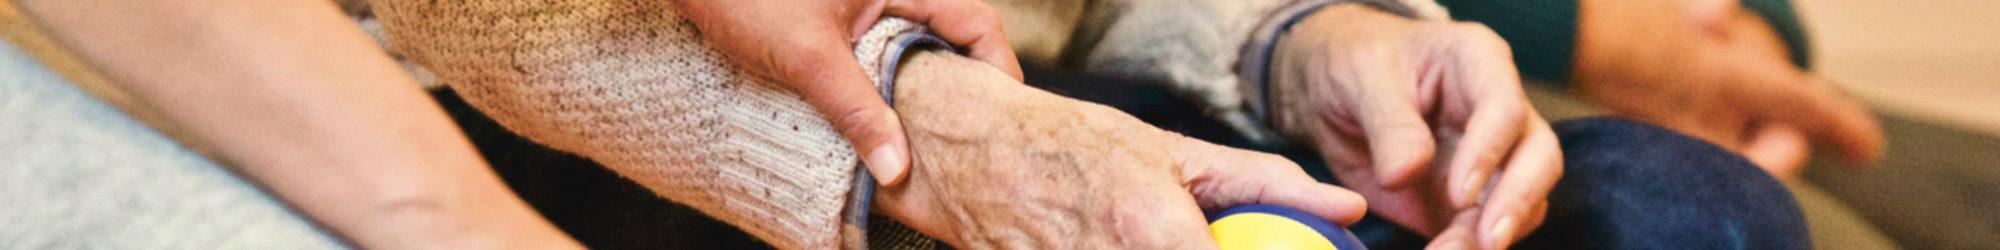 Hilfe für pflegende Angehörige